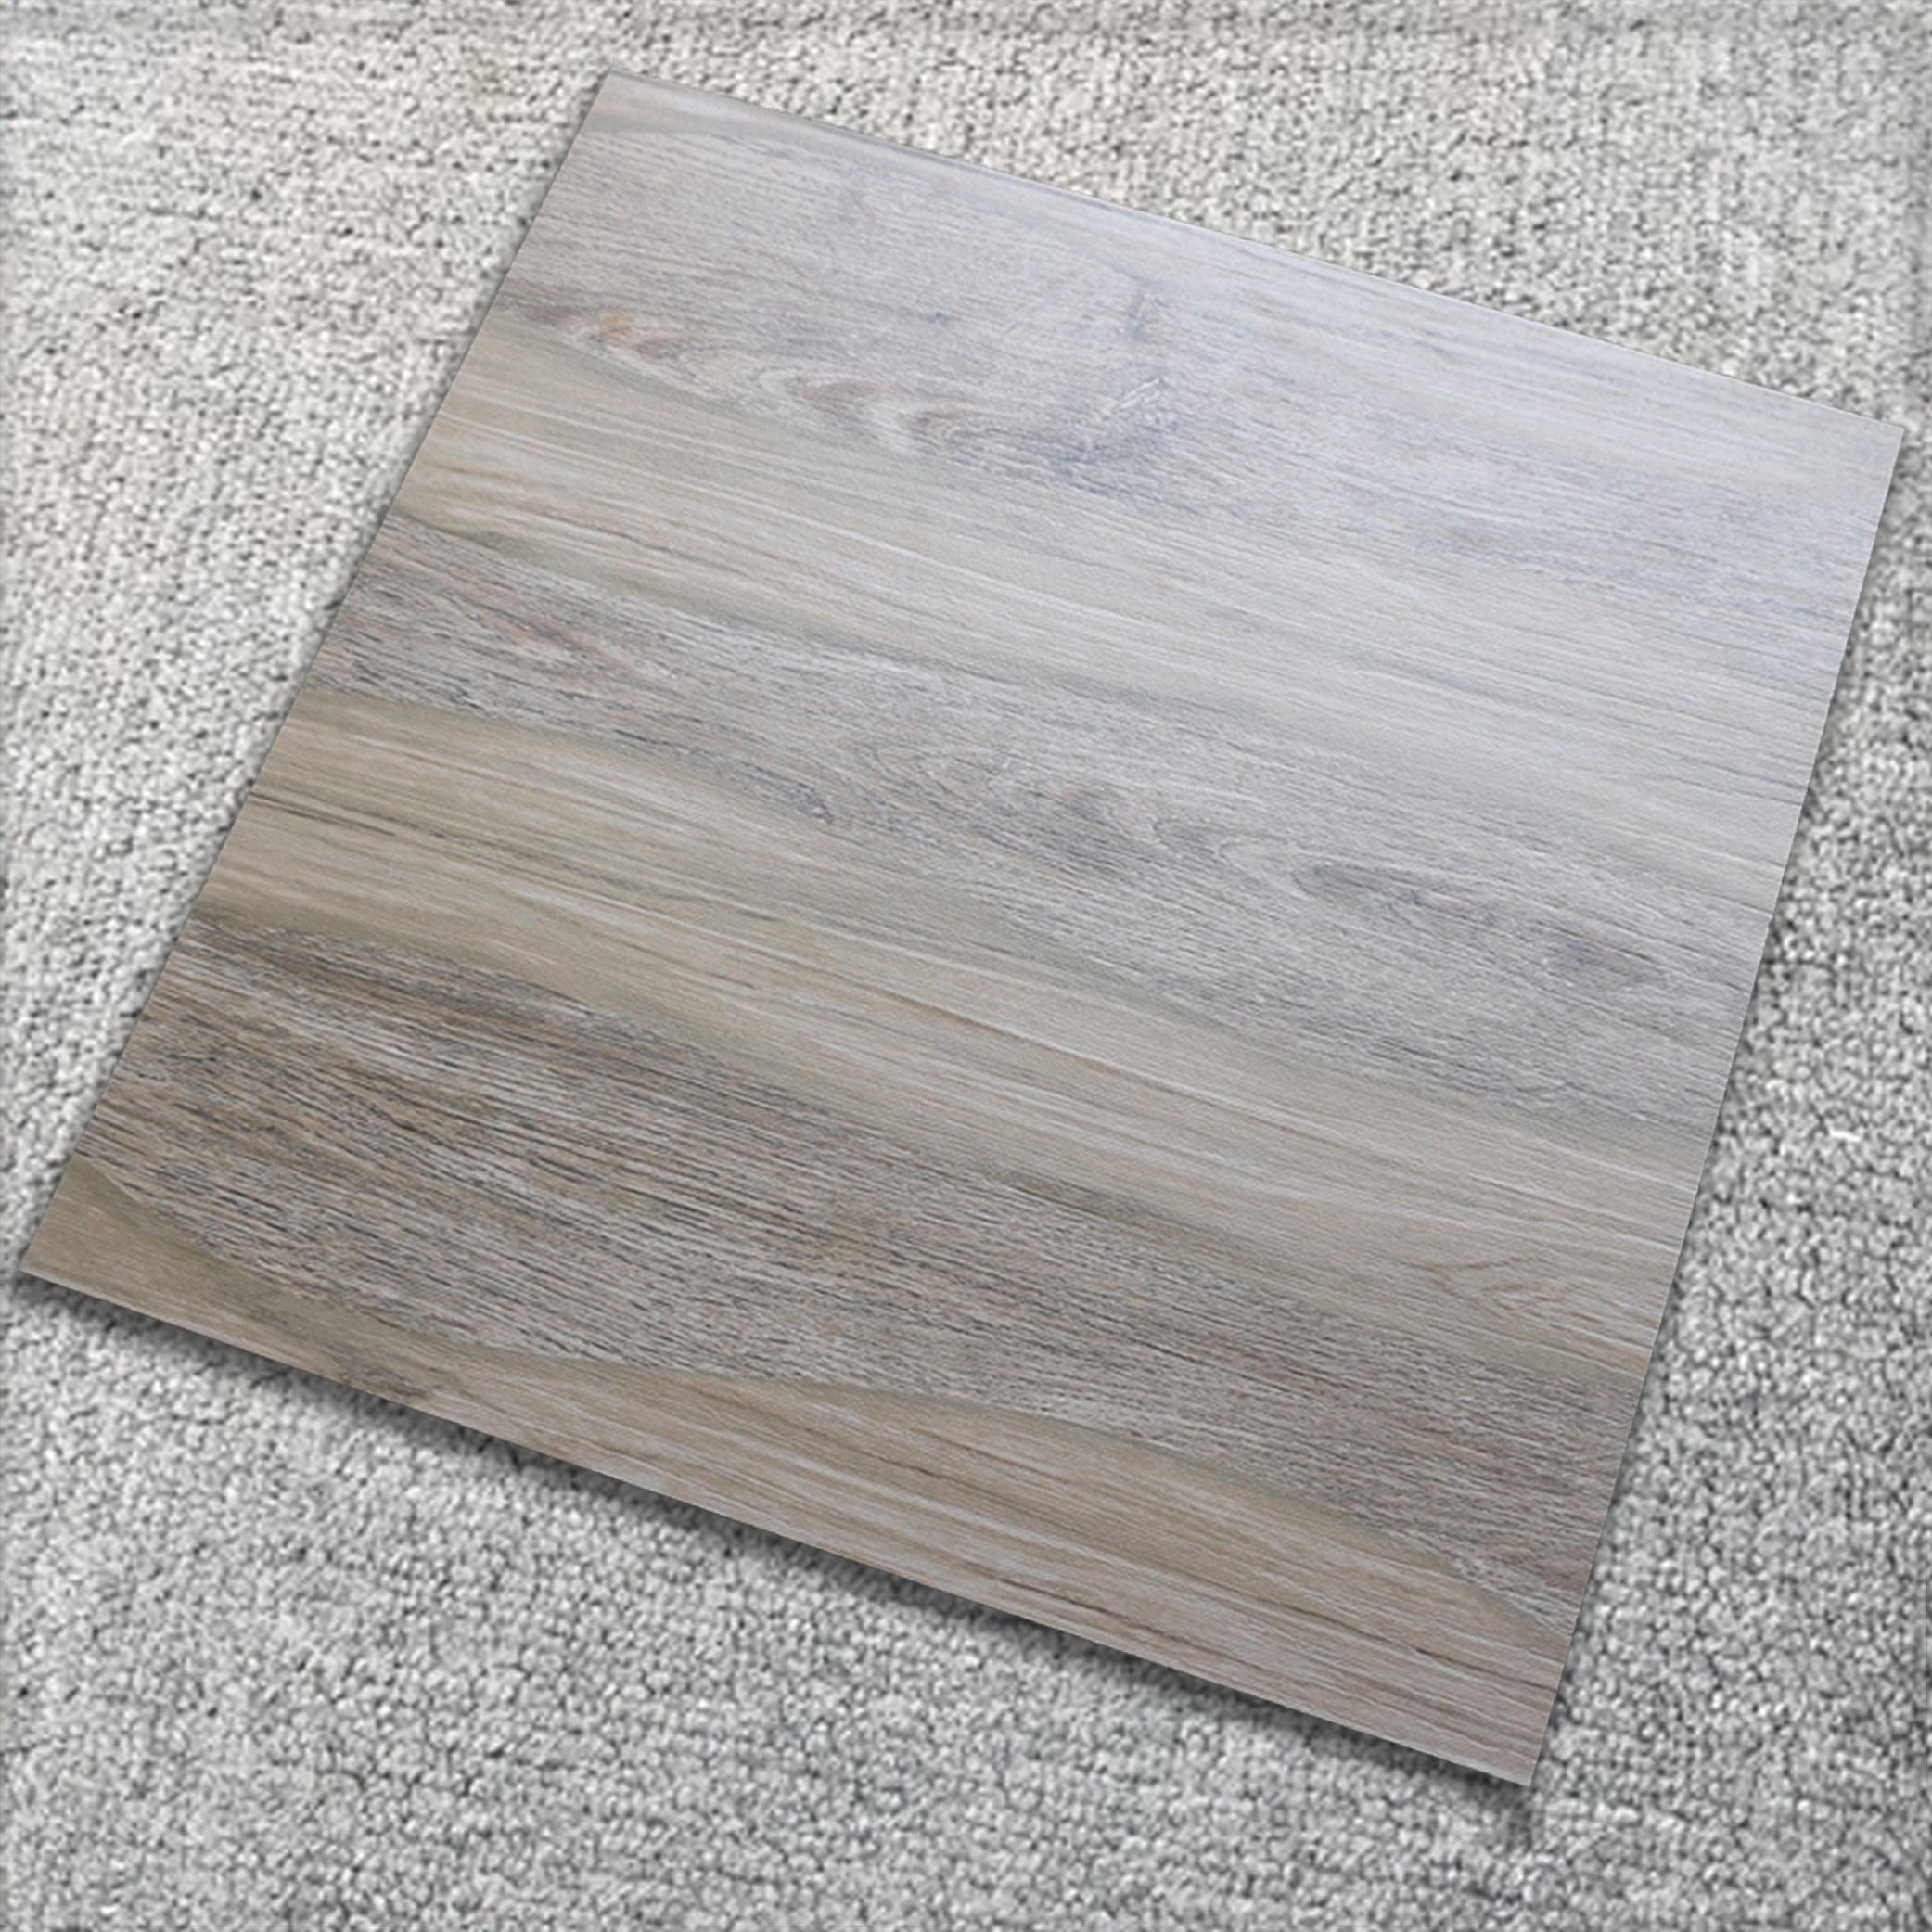 Floor Tiles Wood Look Ceramic Tile